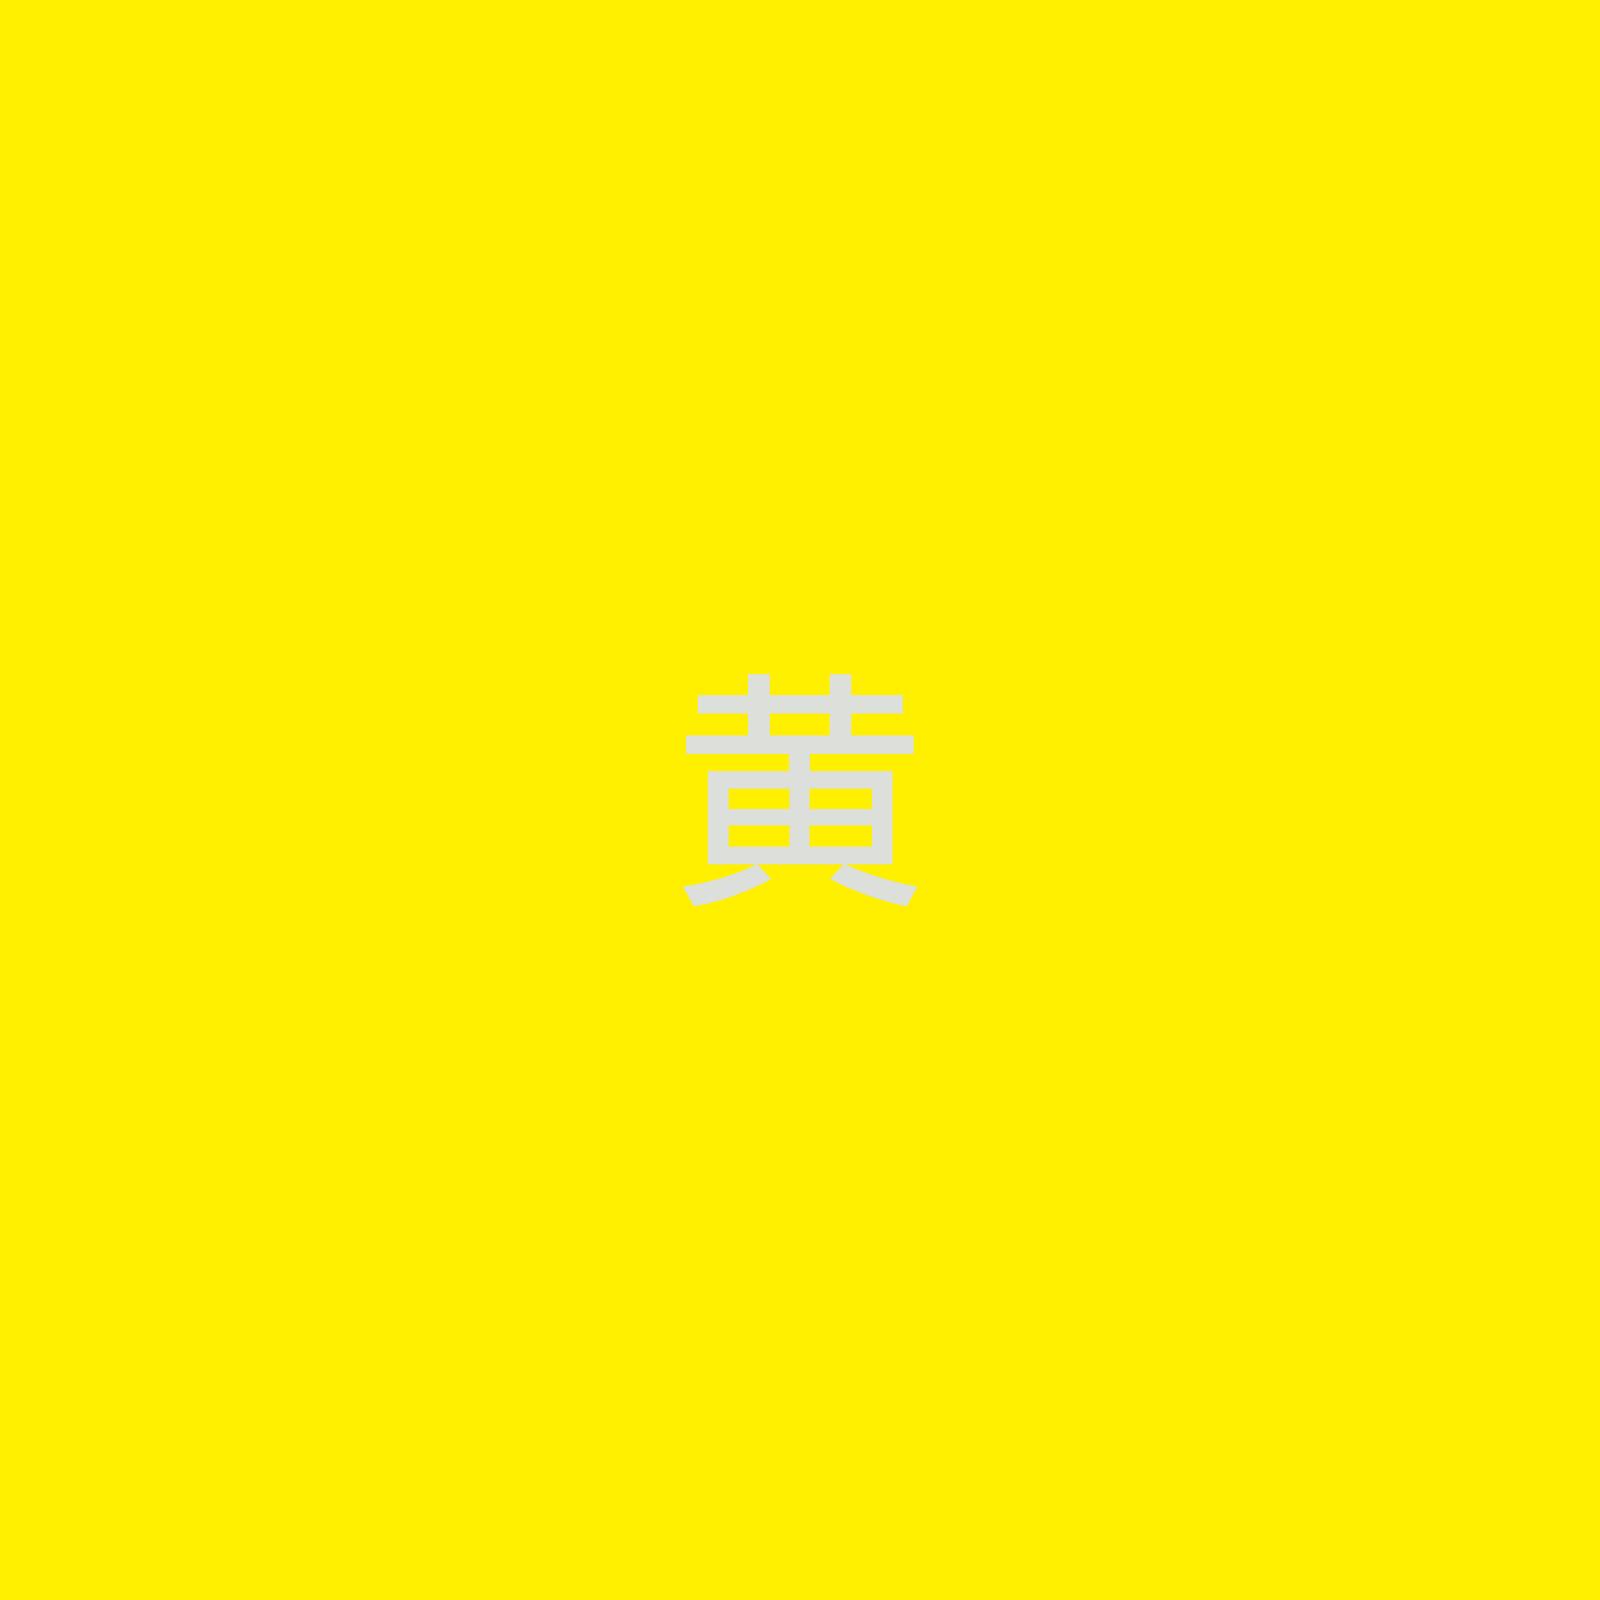 黄の正方形